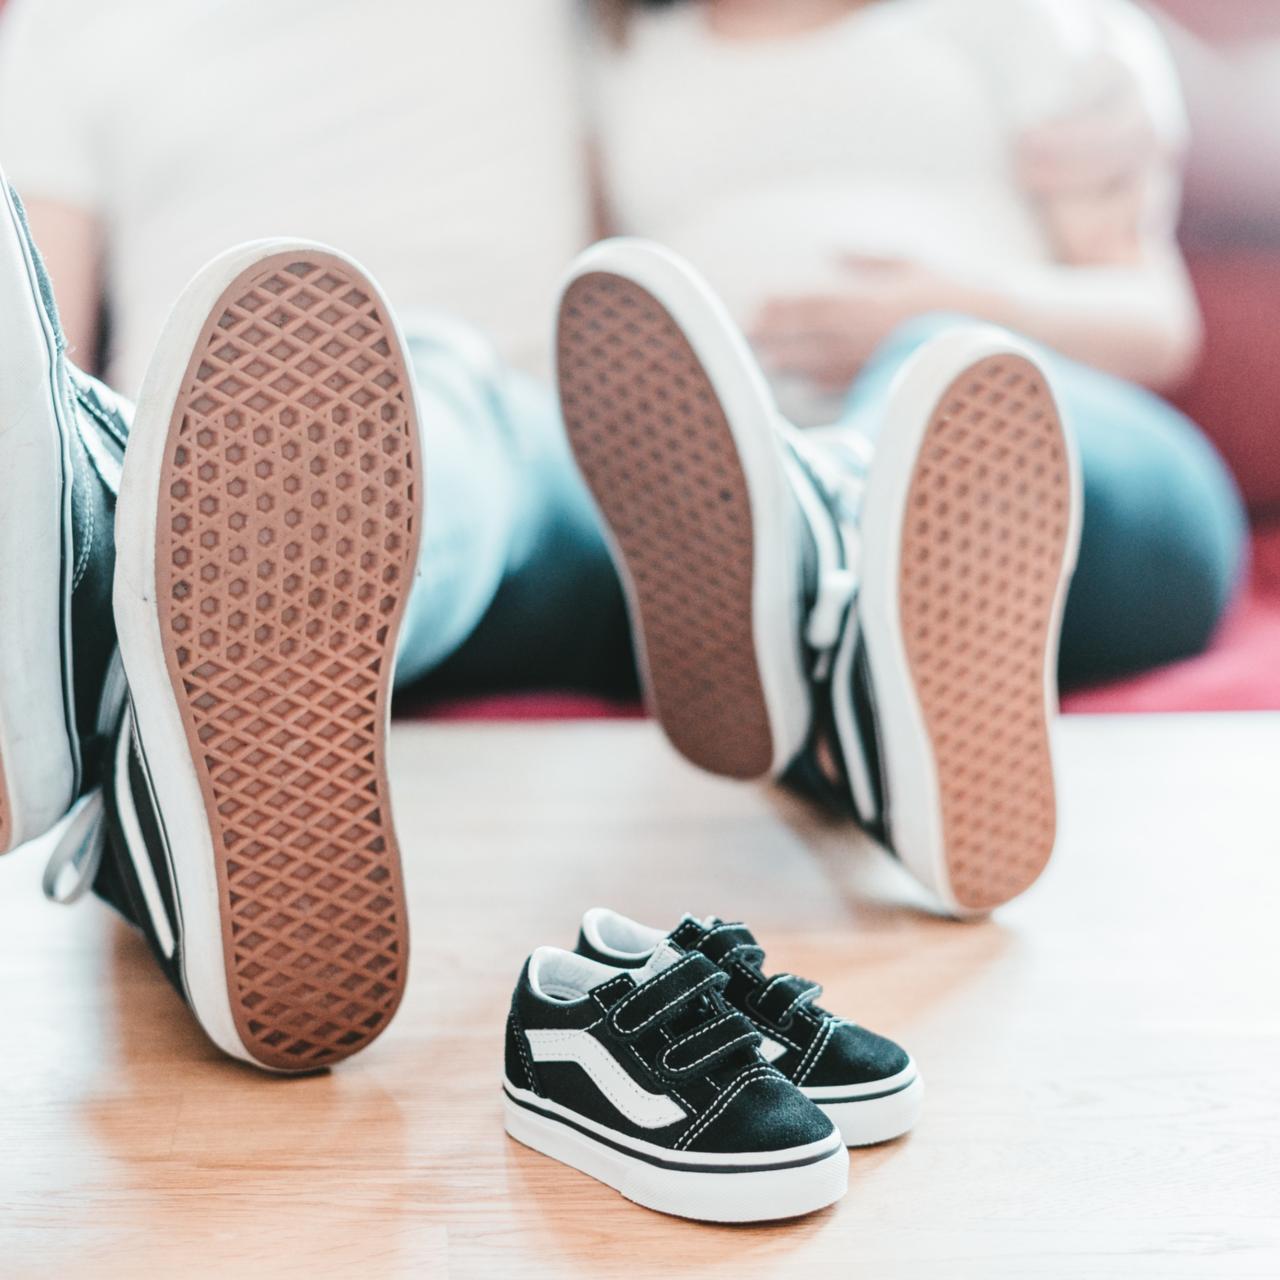 Familie (c) www.pixabay.com